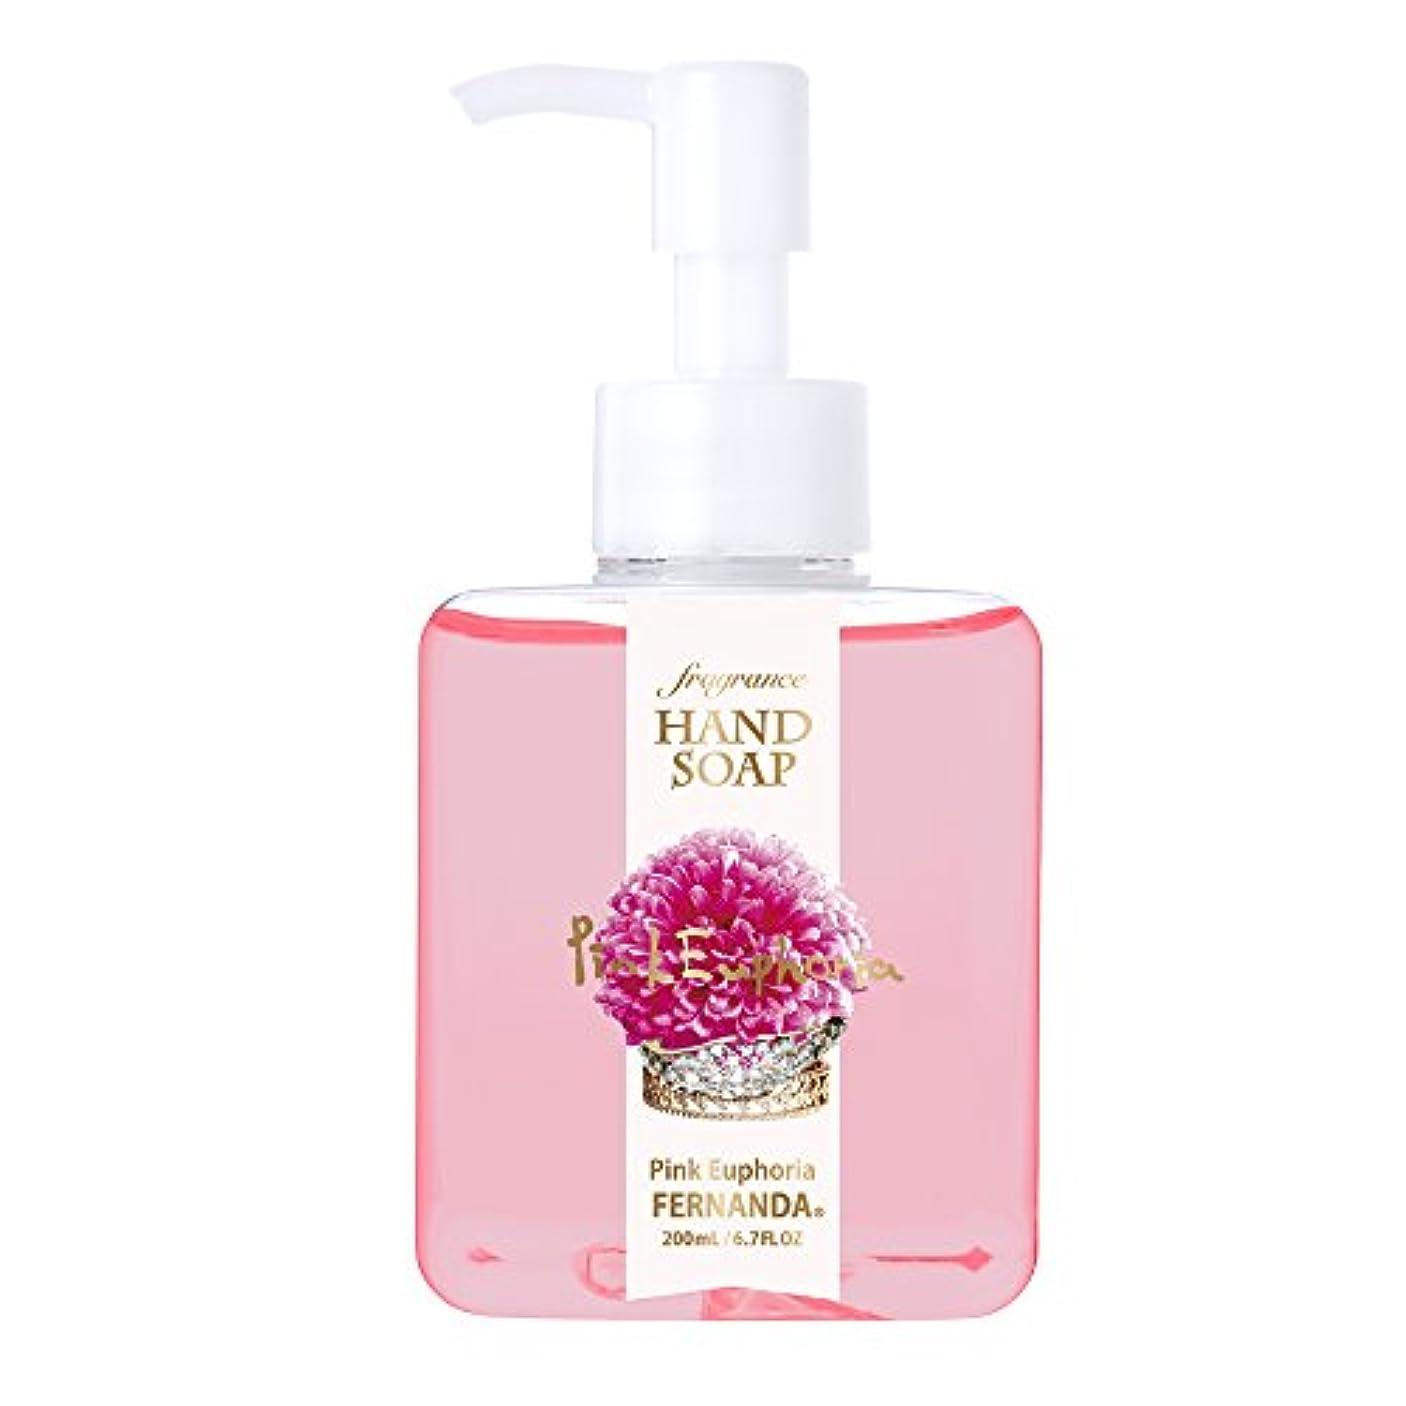 鋸歯状俳句拮抗するFERNANDA(フェルナンダ) Fragrance Hand Soap Pink Euphoria (ハンドソープ ピンクエウフォリア)